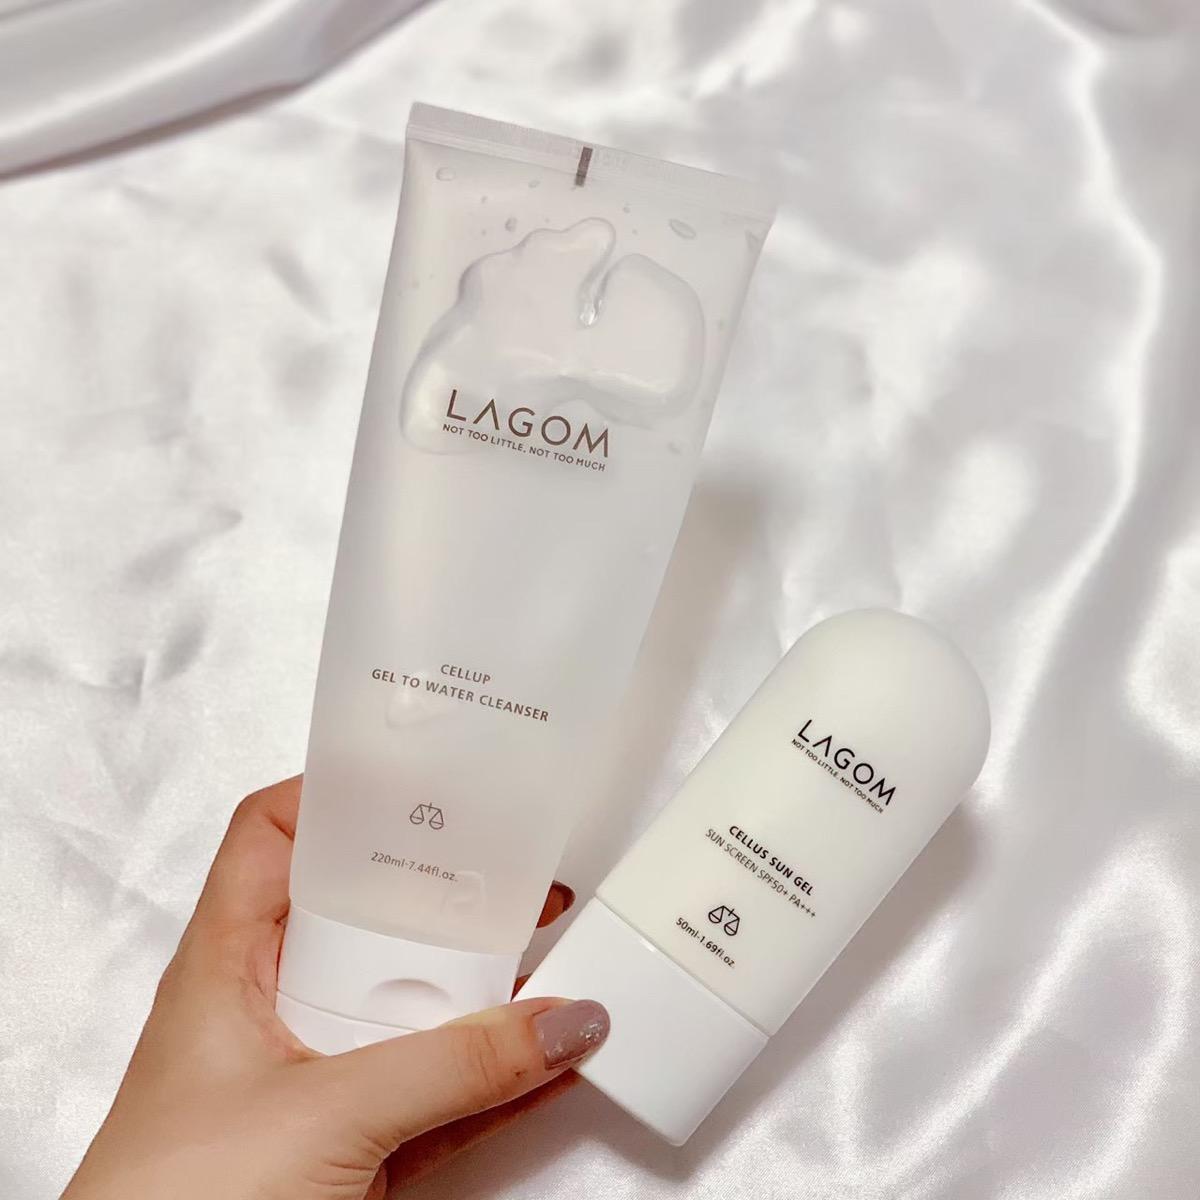 LAGOM 韓国 洗顔